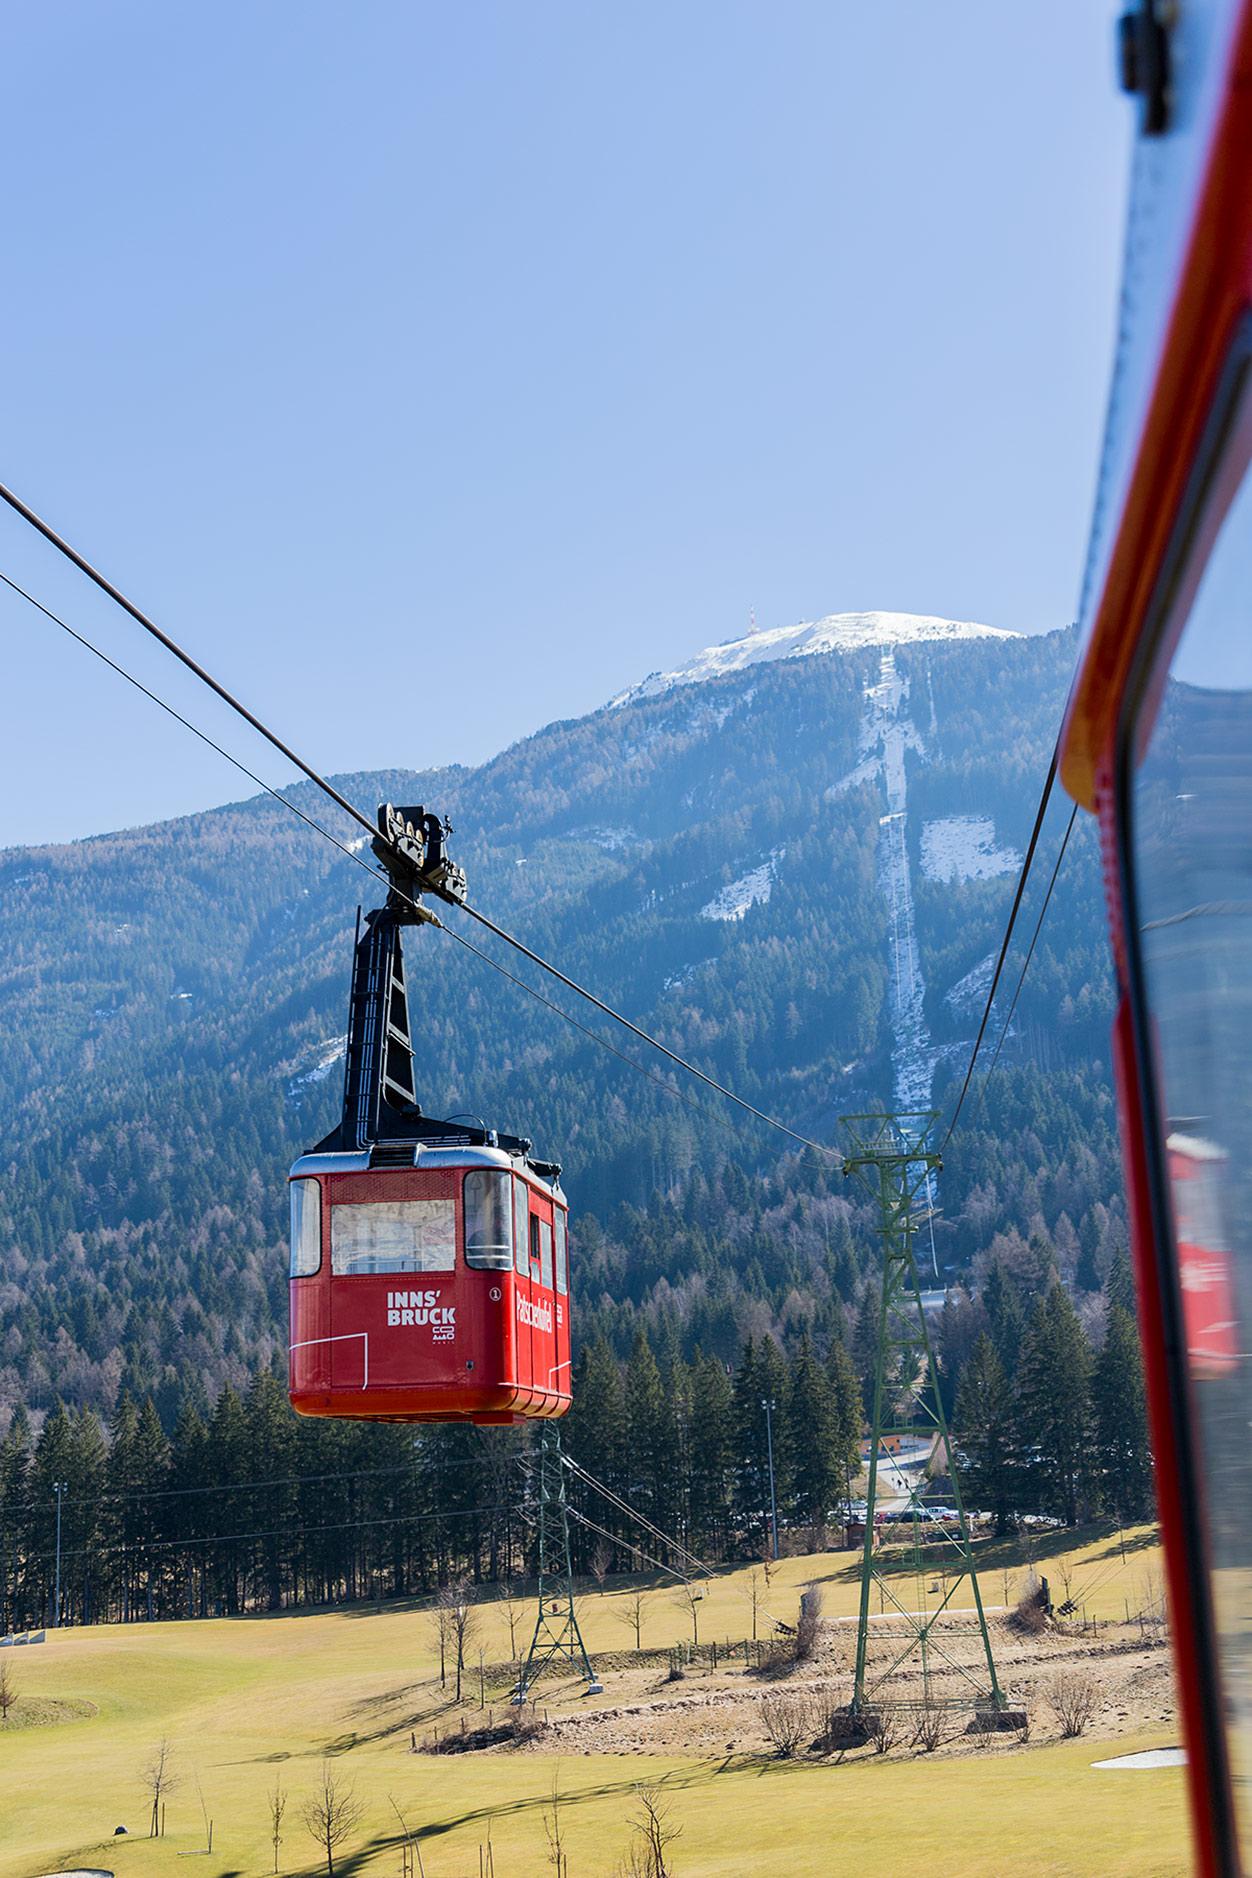 Klassinen kabiinihissi nostaa laskijat Iglsin kylästä kahdessa pätkässä yli kilometrin verran ylemmäs. Patscherkofelin hiihtoalue on toiminut kaksien talviolympialaisten näyttämönä.